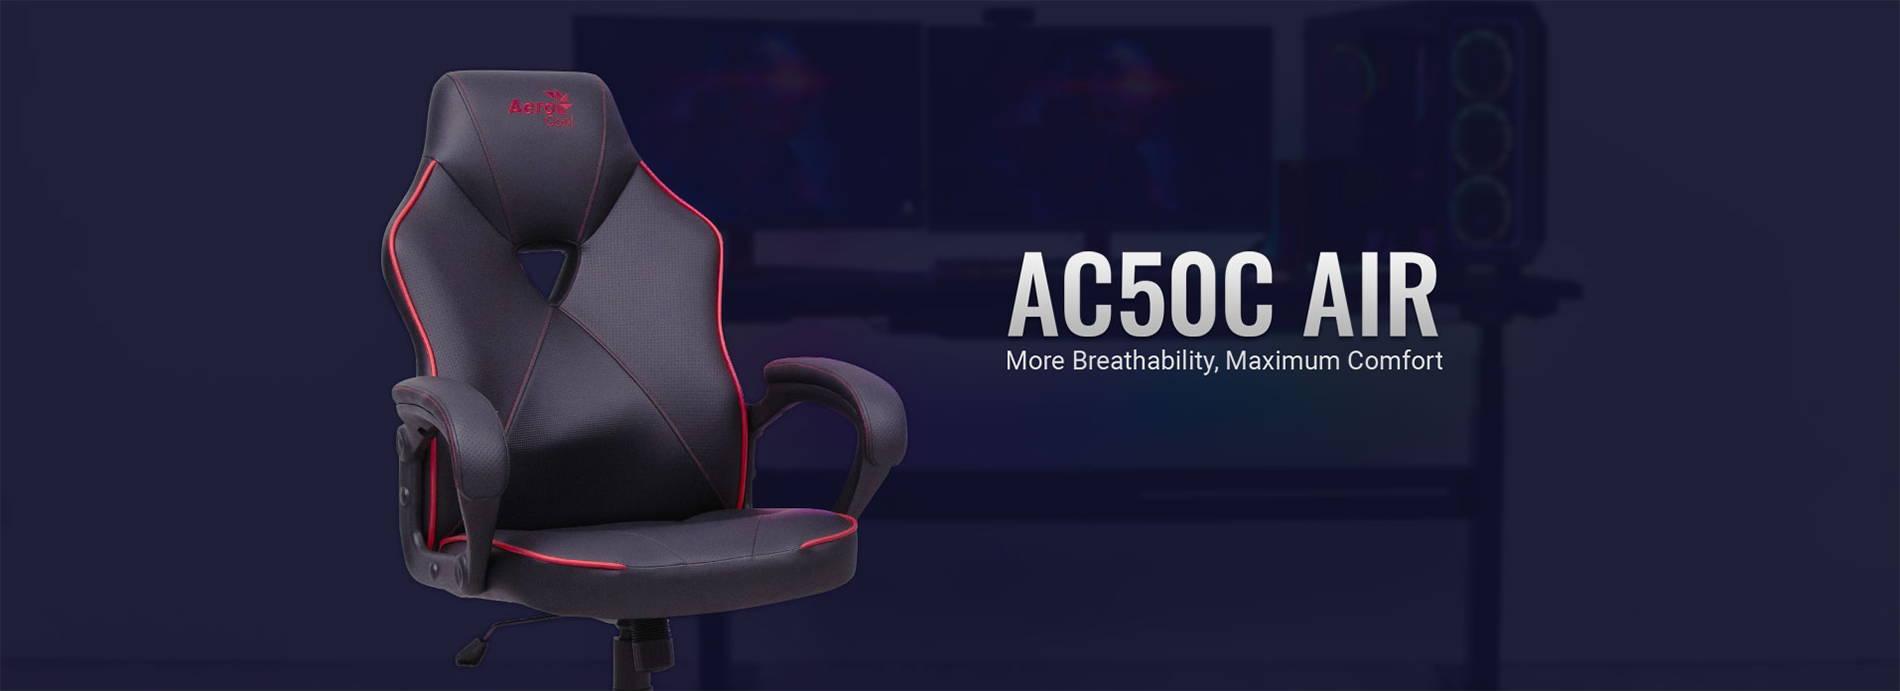 Внешний вид кресла